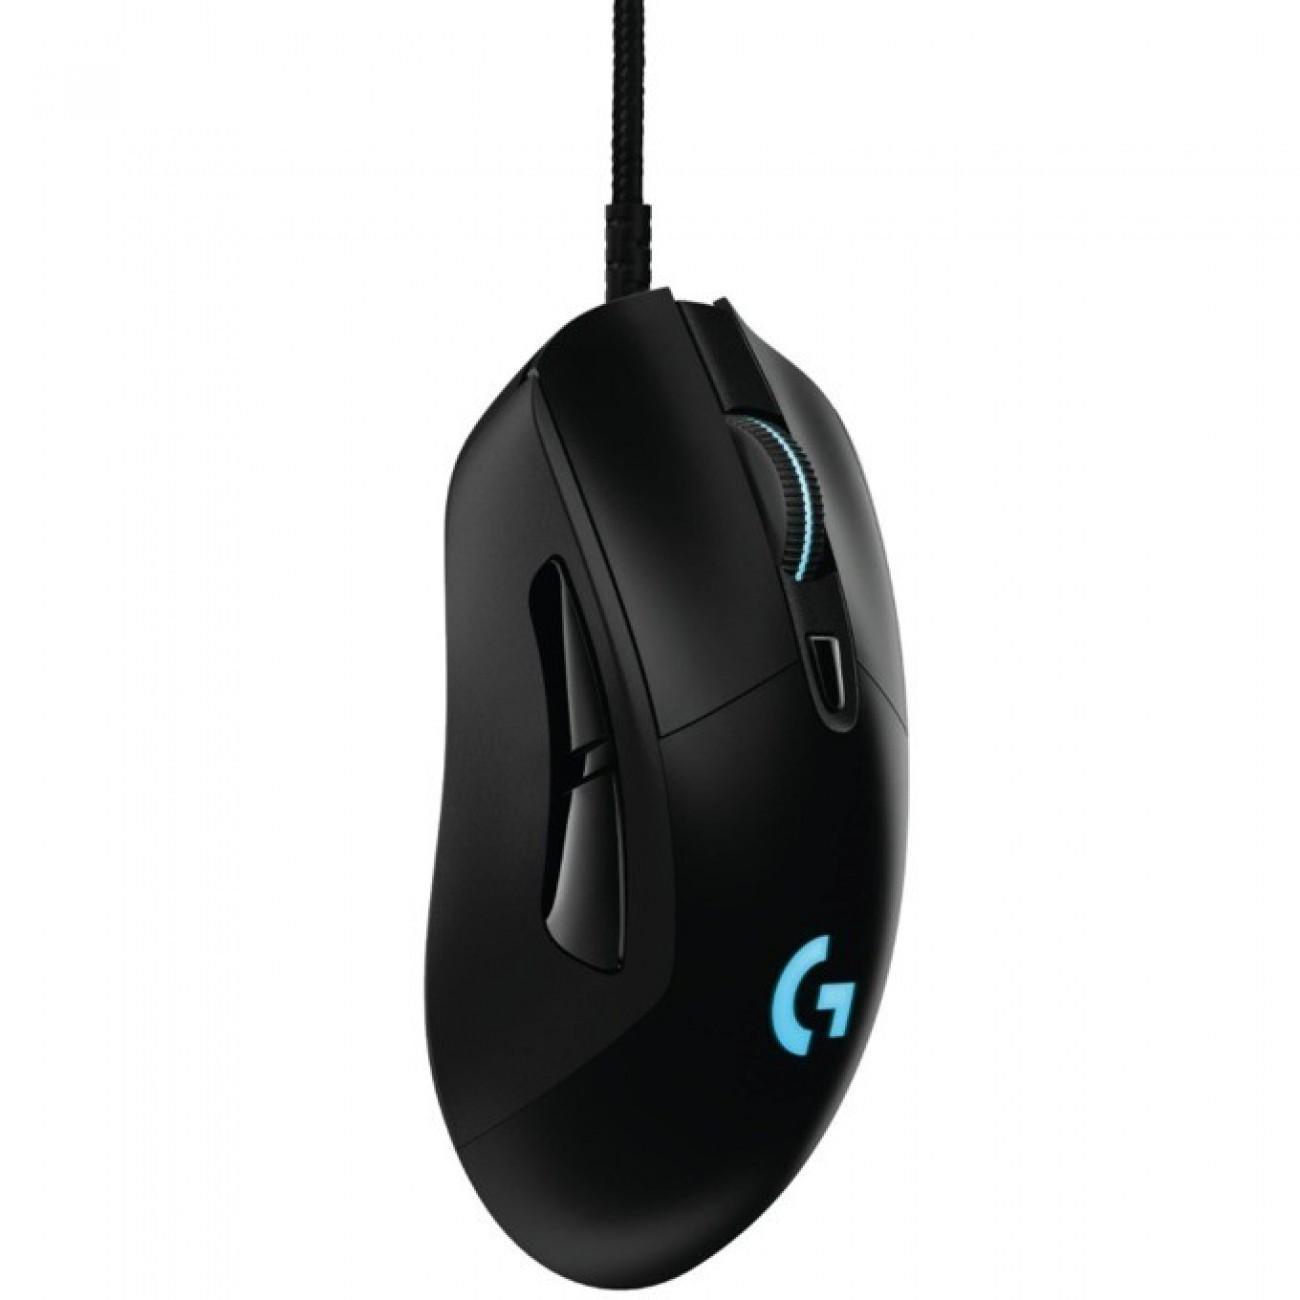 Мишка Logitech G403, оптична (12000 dpi), USB, черна, гeйминг, програмируема RGB подсветка, за дясна ръка в Мишки -  | Alleop